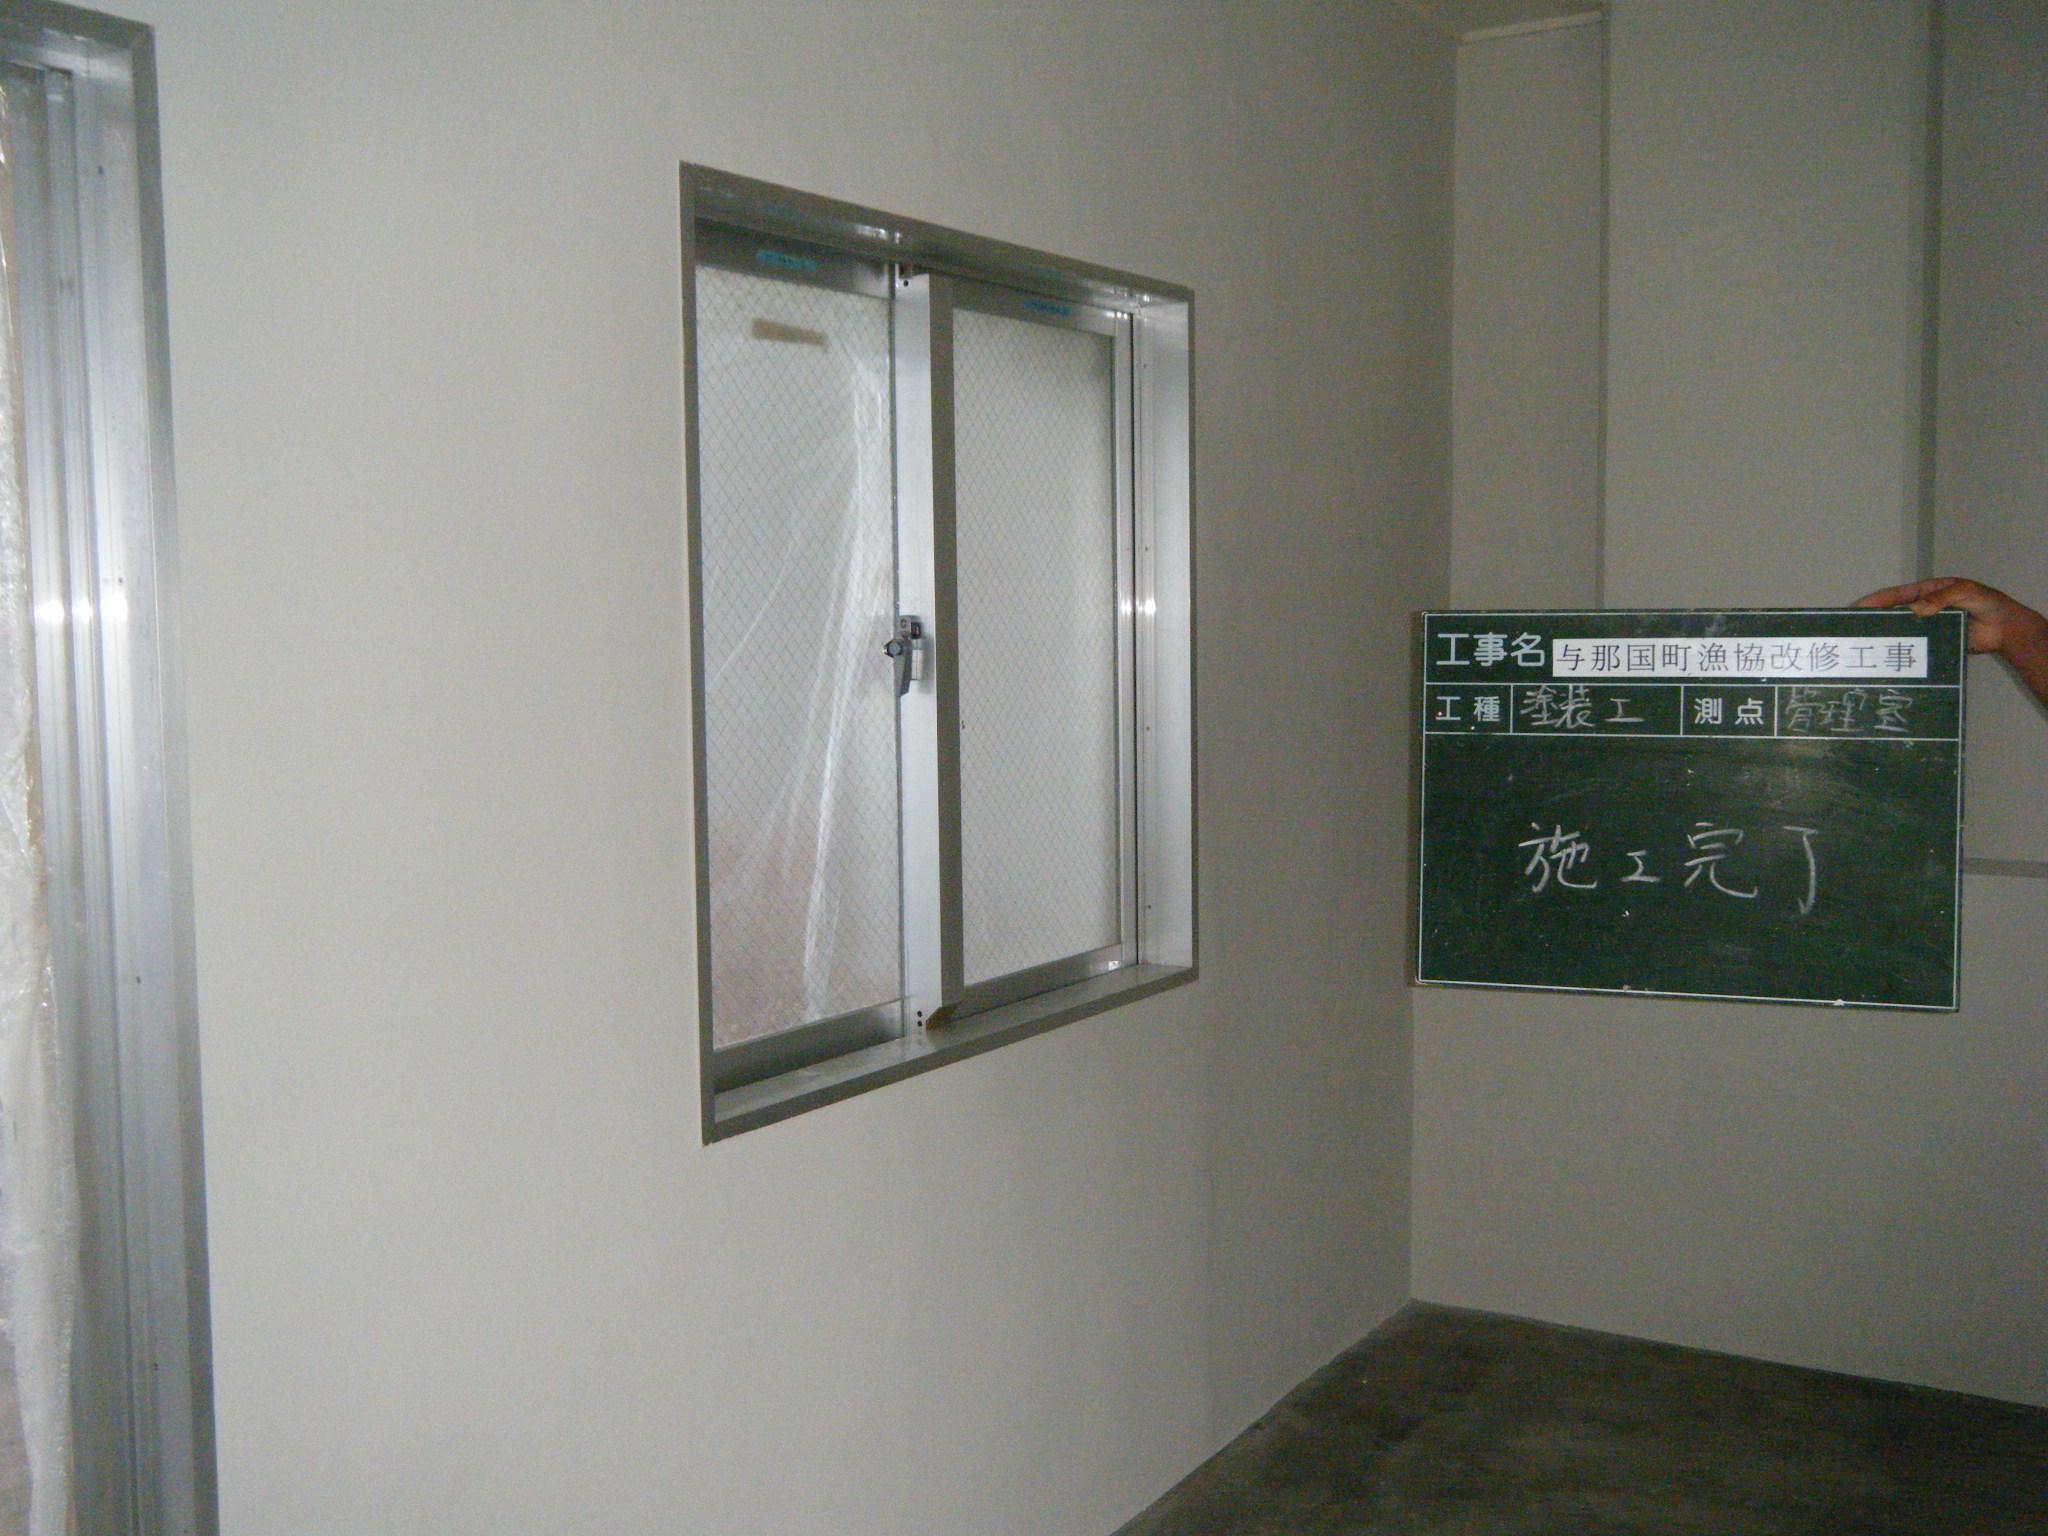 DSCF8814.JPG